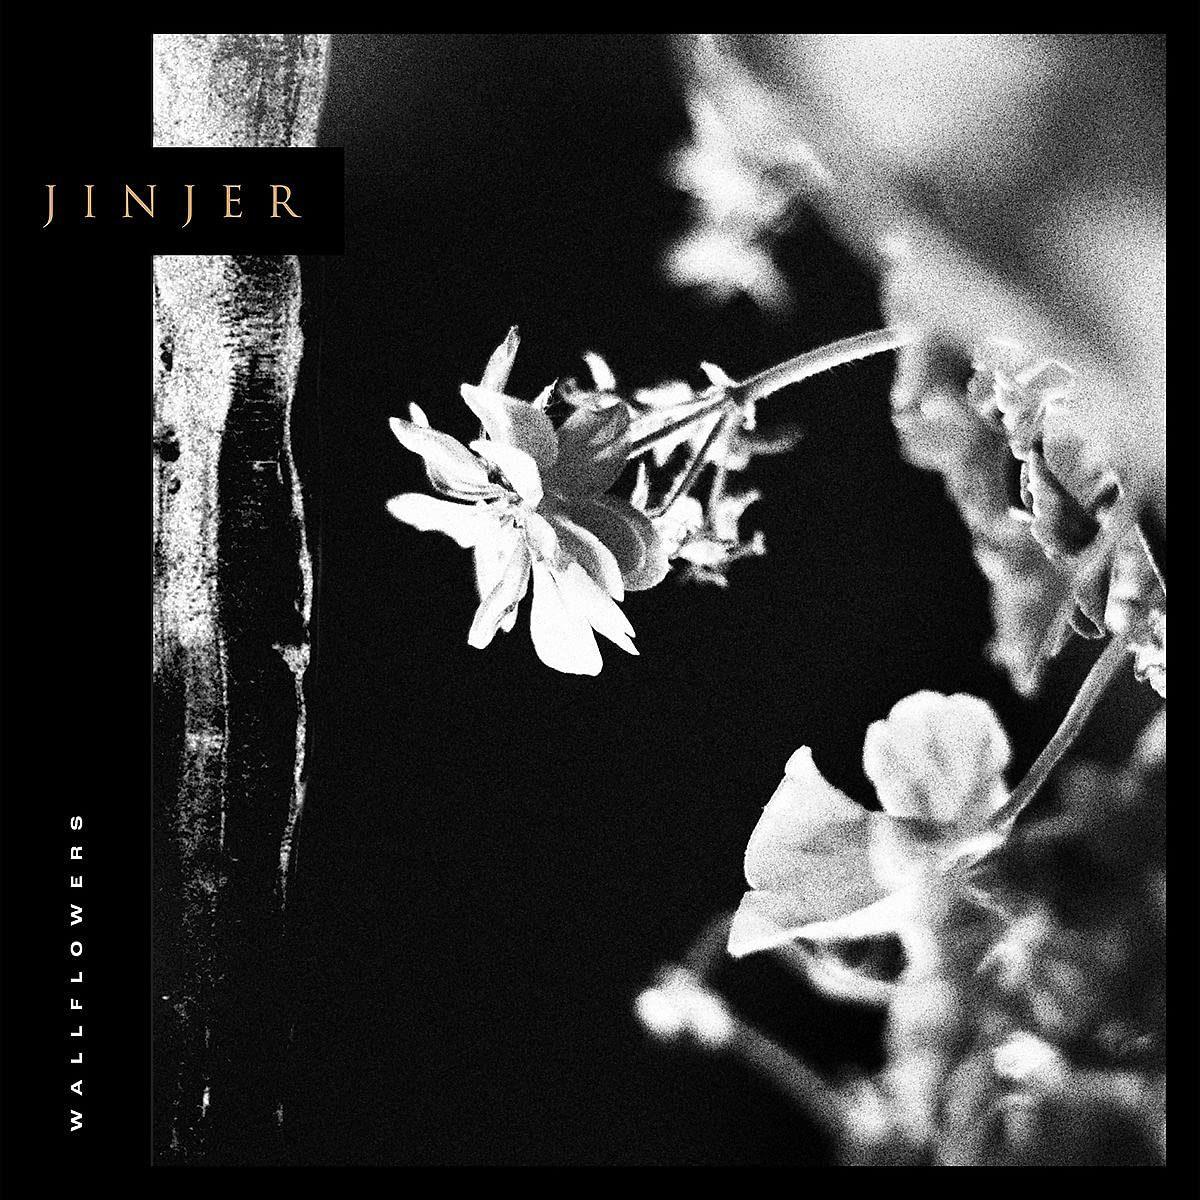 Chroniques culture : le metal de Jinjer, dinos philo en BD et «Pitche ta saison»